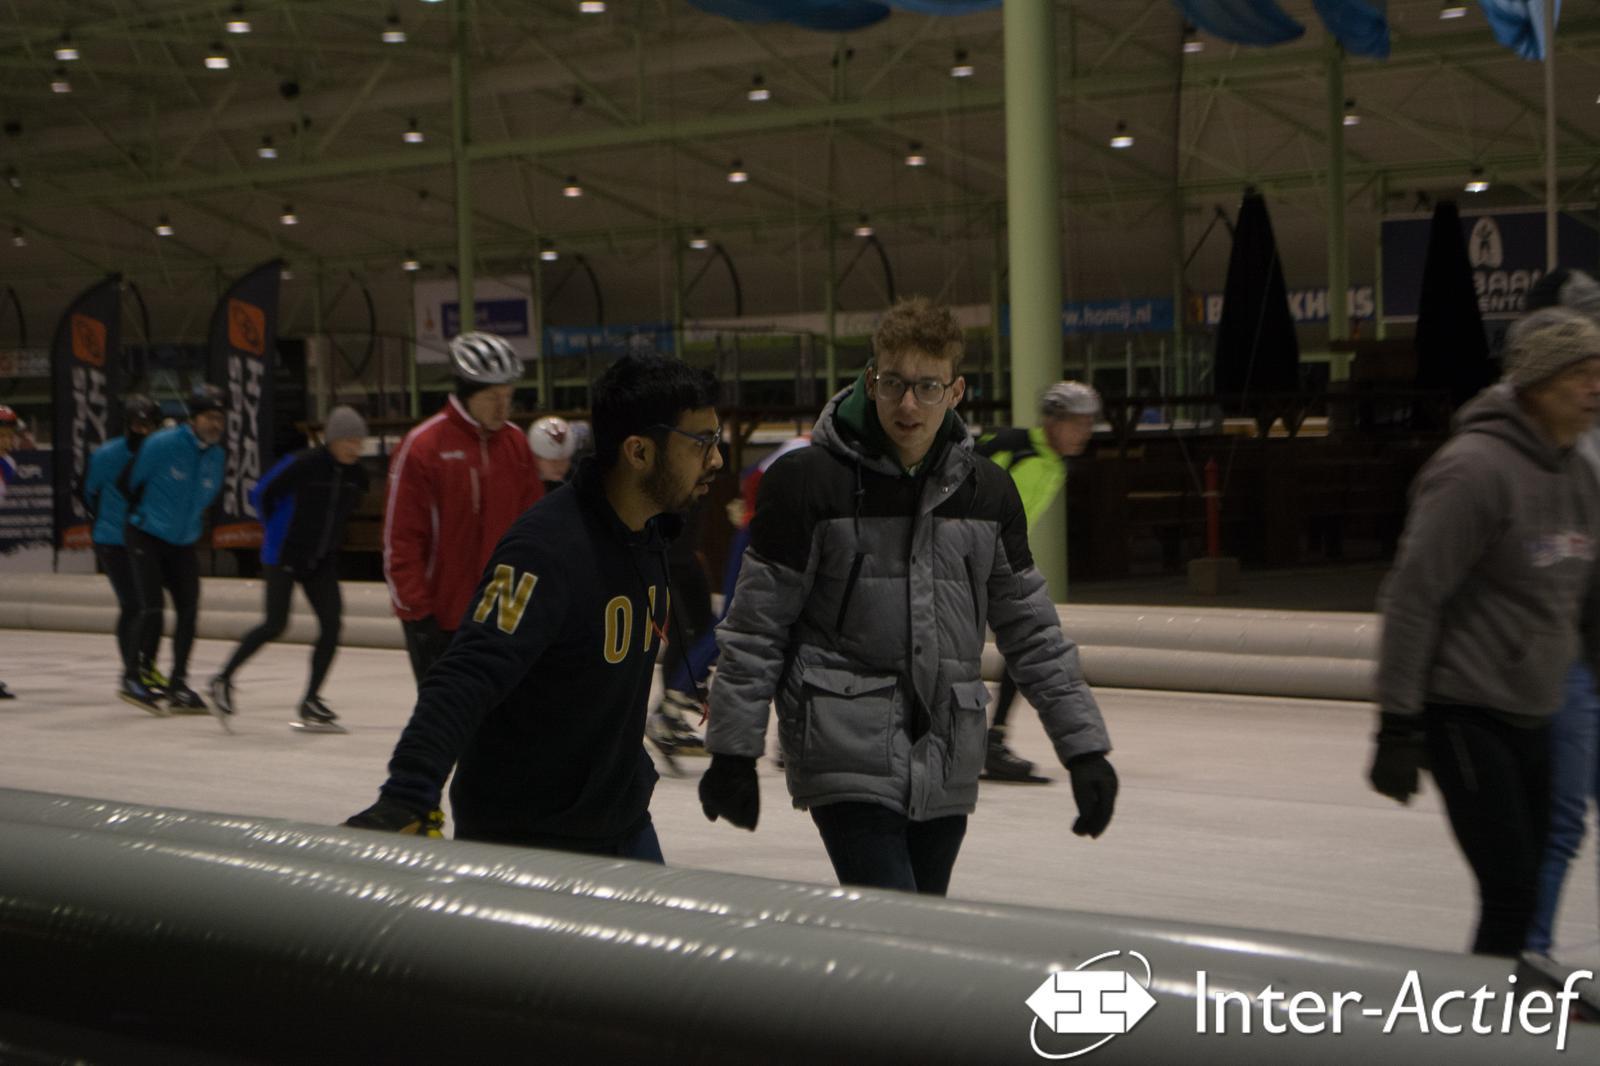 IceSkating20200116_NielsdeGroot-37.jpg